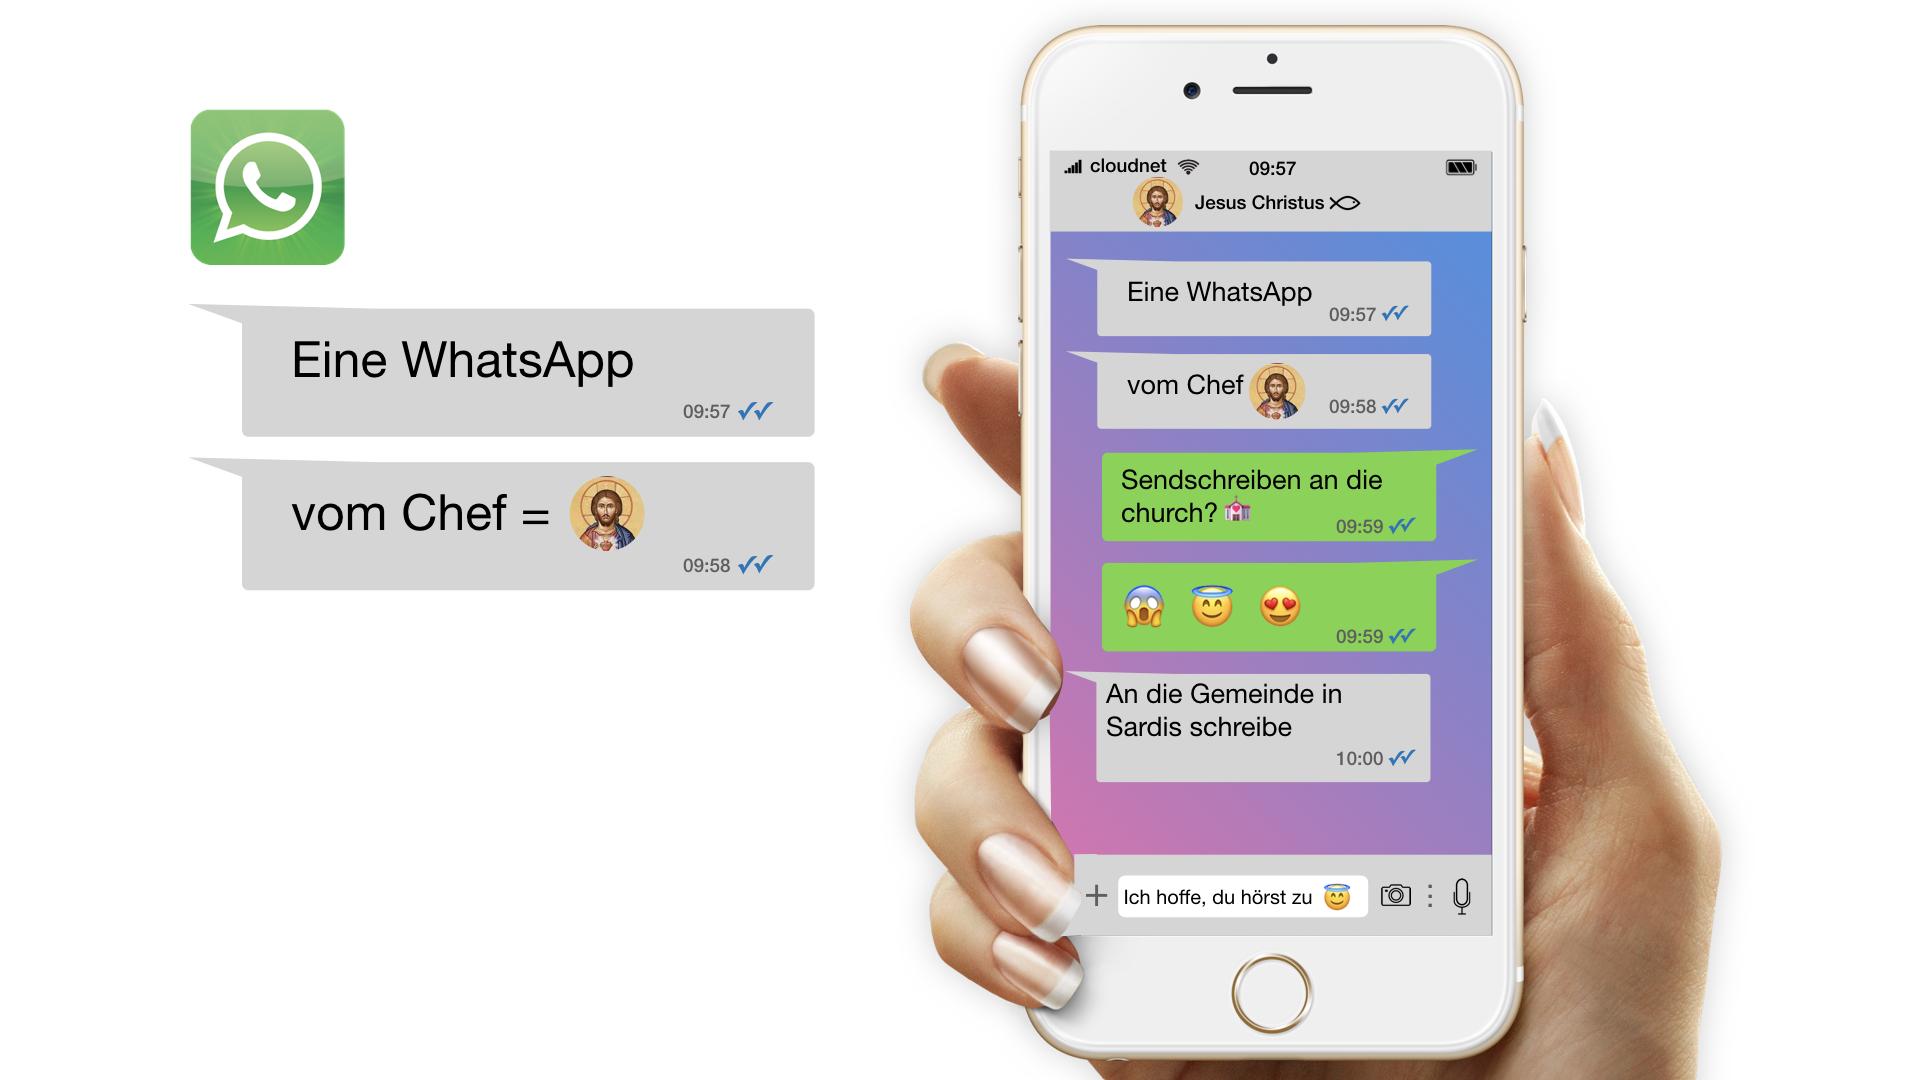 Eine WhatsApp vom Chef / Gemeinde in Sardis